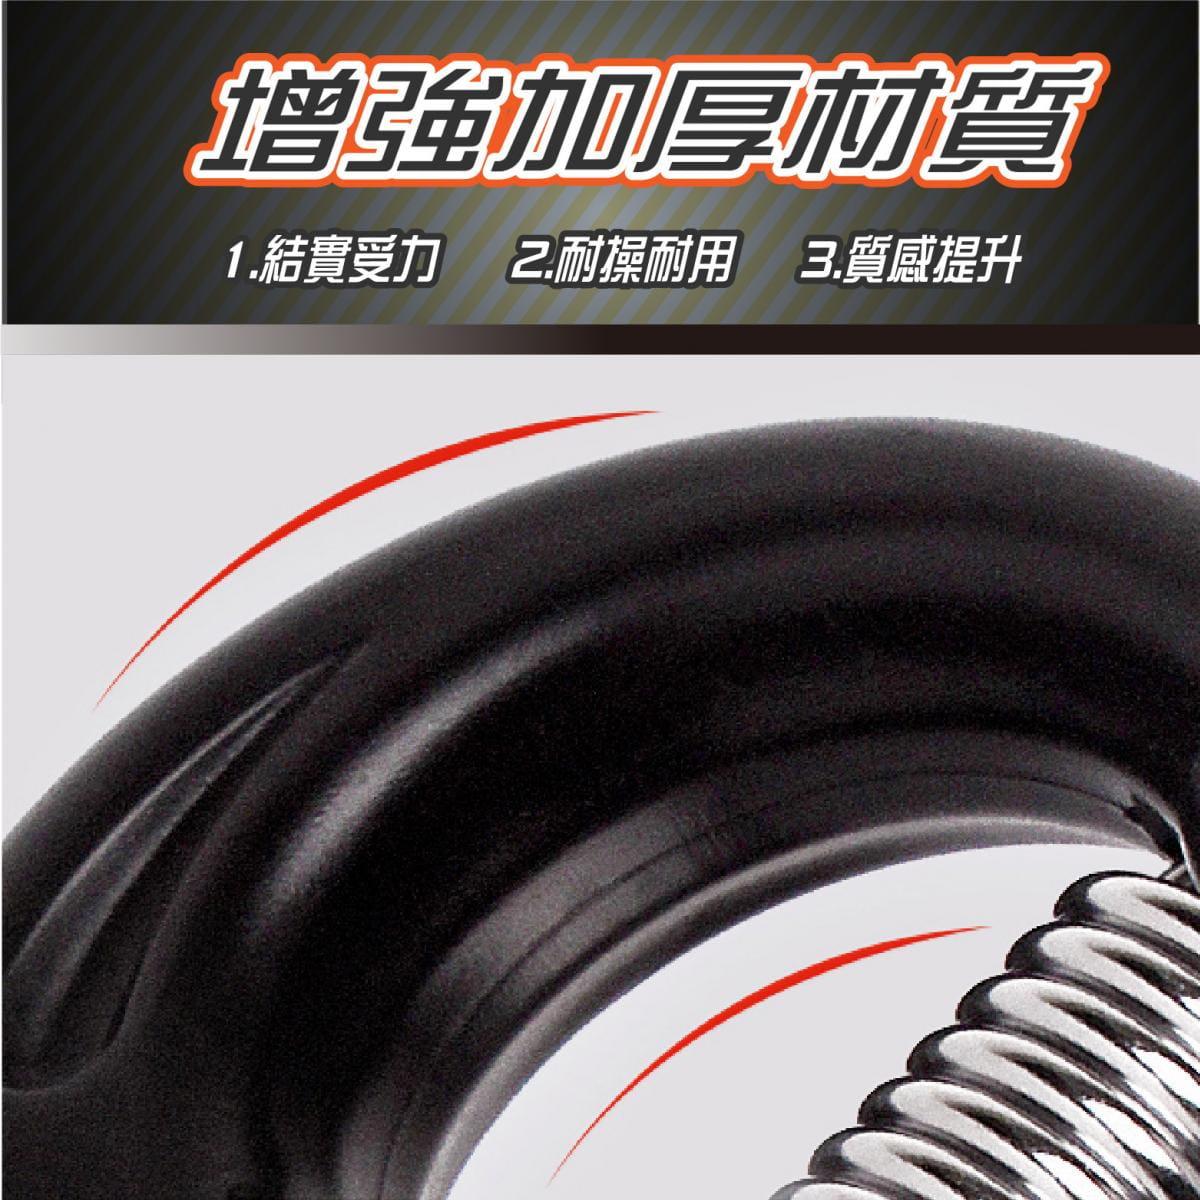 可調節式 握力器10~40KG 握力 腕力 握力訓練器 手腕訓練 腕力器 健身器材 紓壓 增肌 2